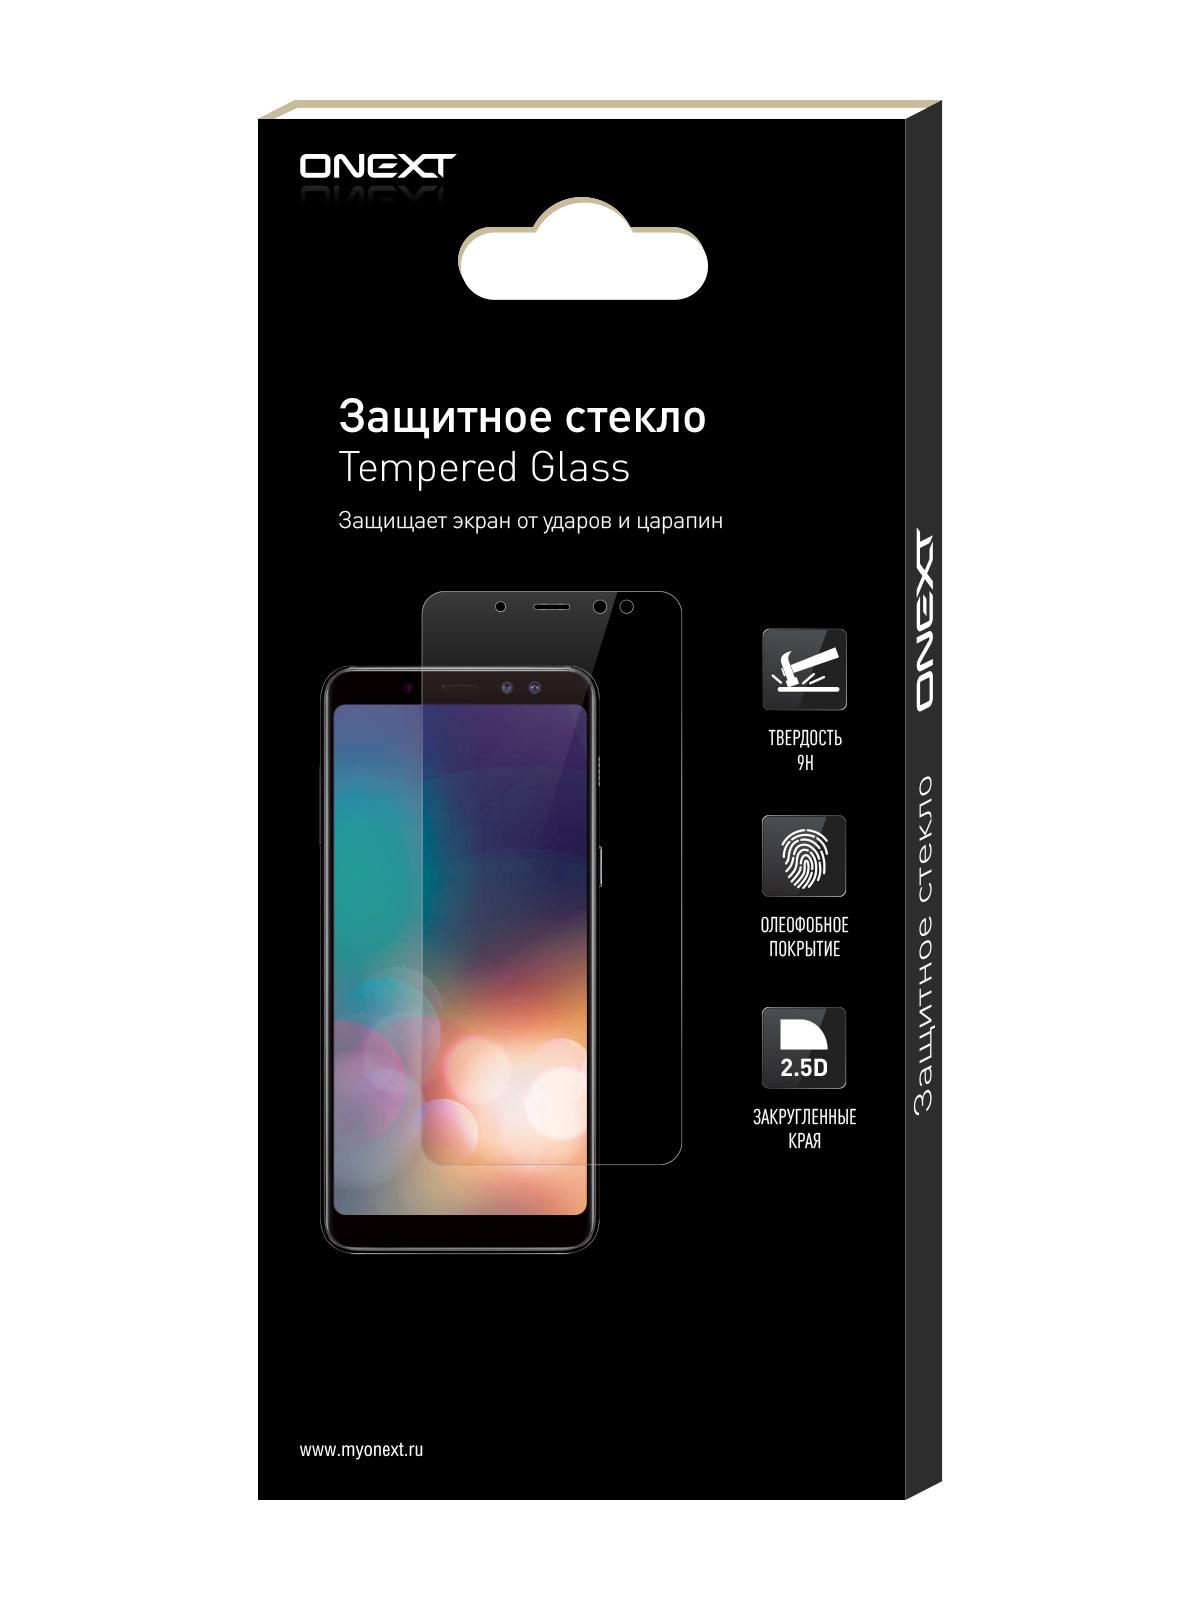 Защитное стекло ONEXT Asus Zenfone Max ZC550KL onext защитное стекло onext для телефона asus zenfone go zc451tg